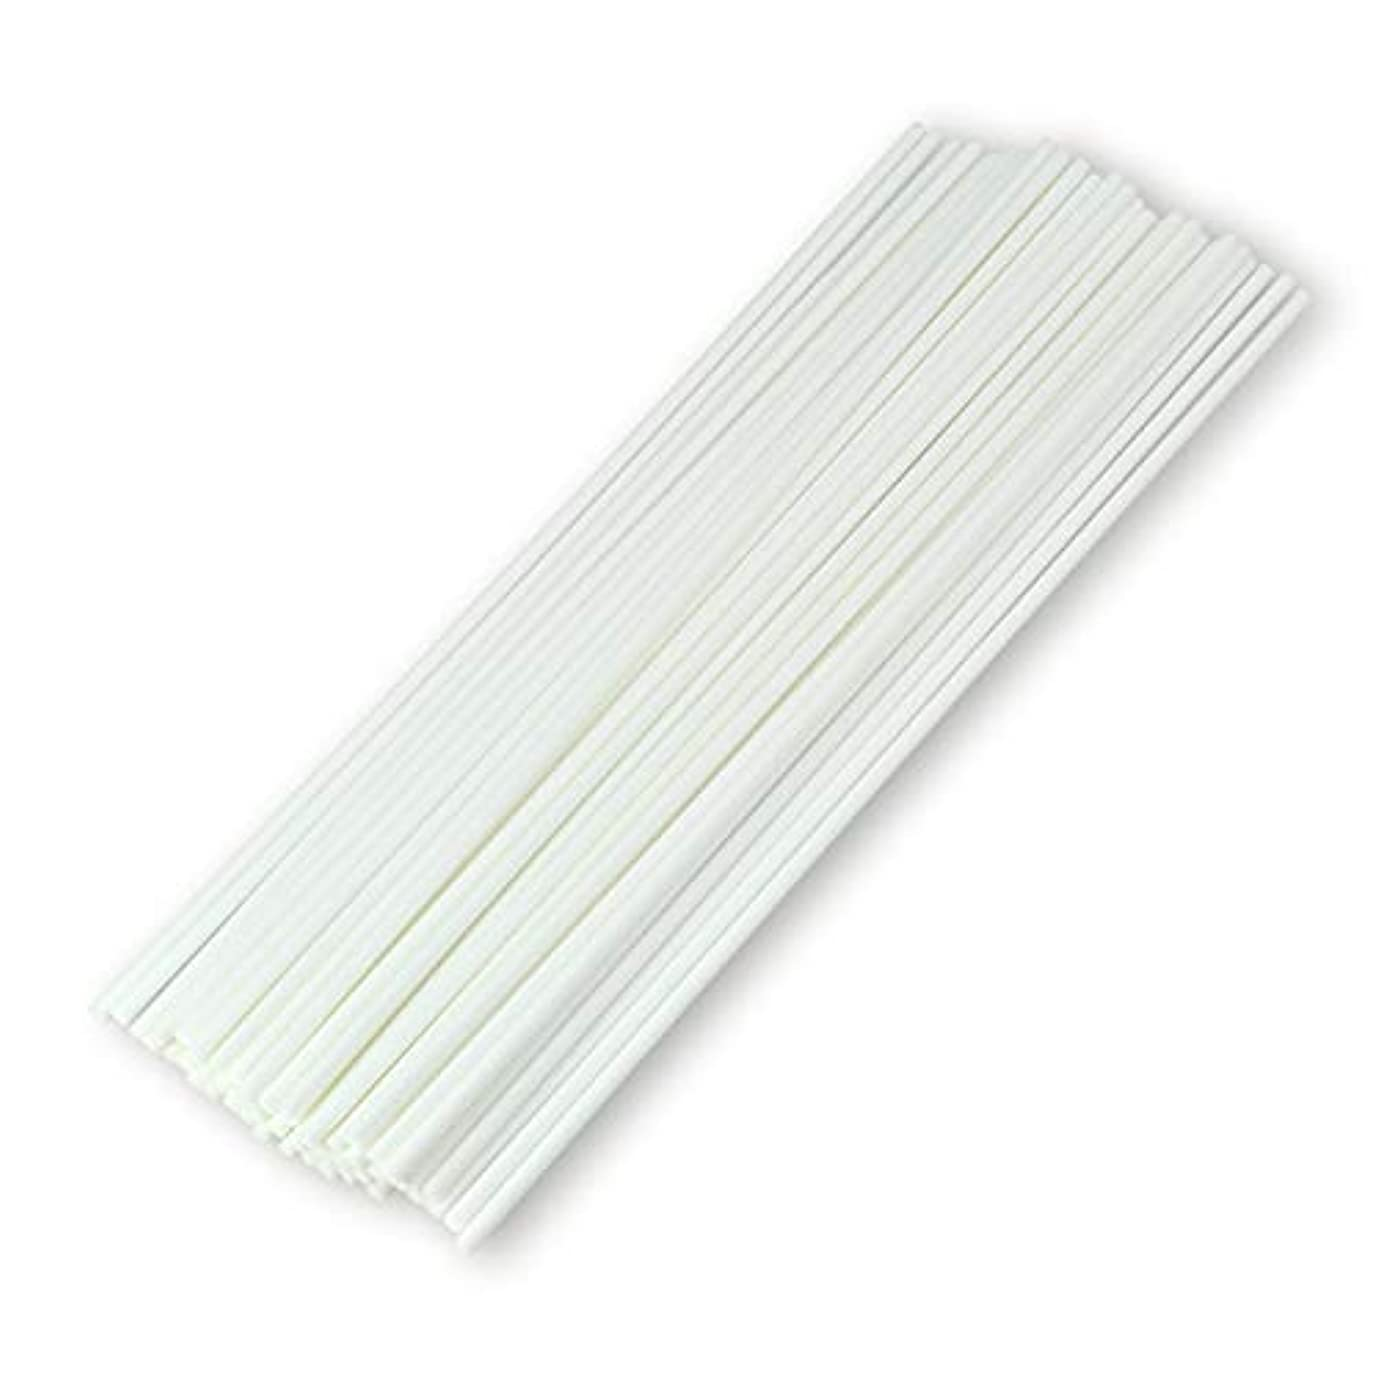 仕様ベッツィトロットウッド祝福する50本入アロマファイバーディフューザー交換用スティック(25cm*3mm,白)